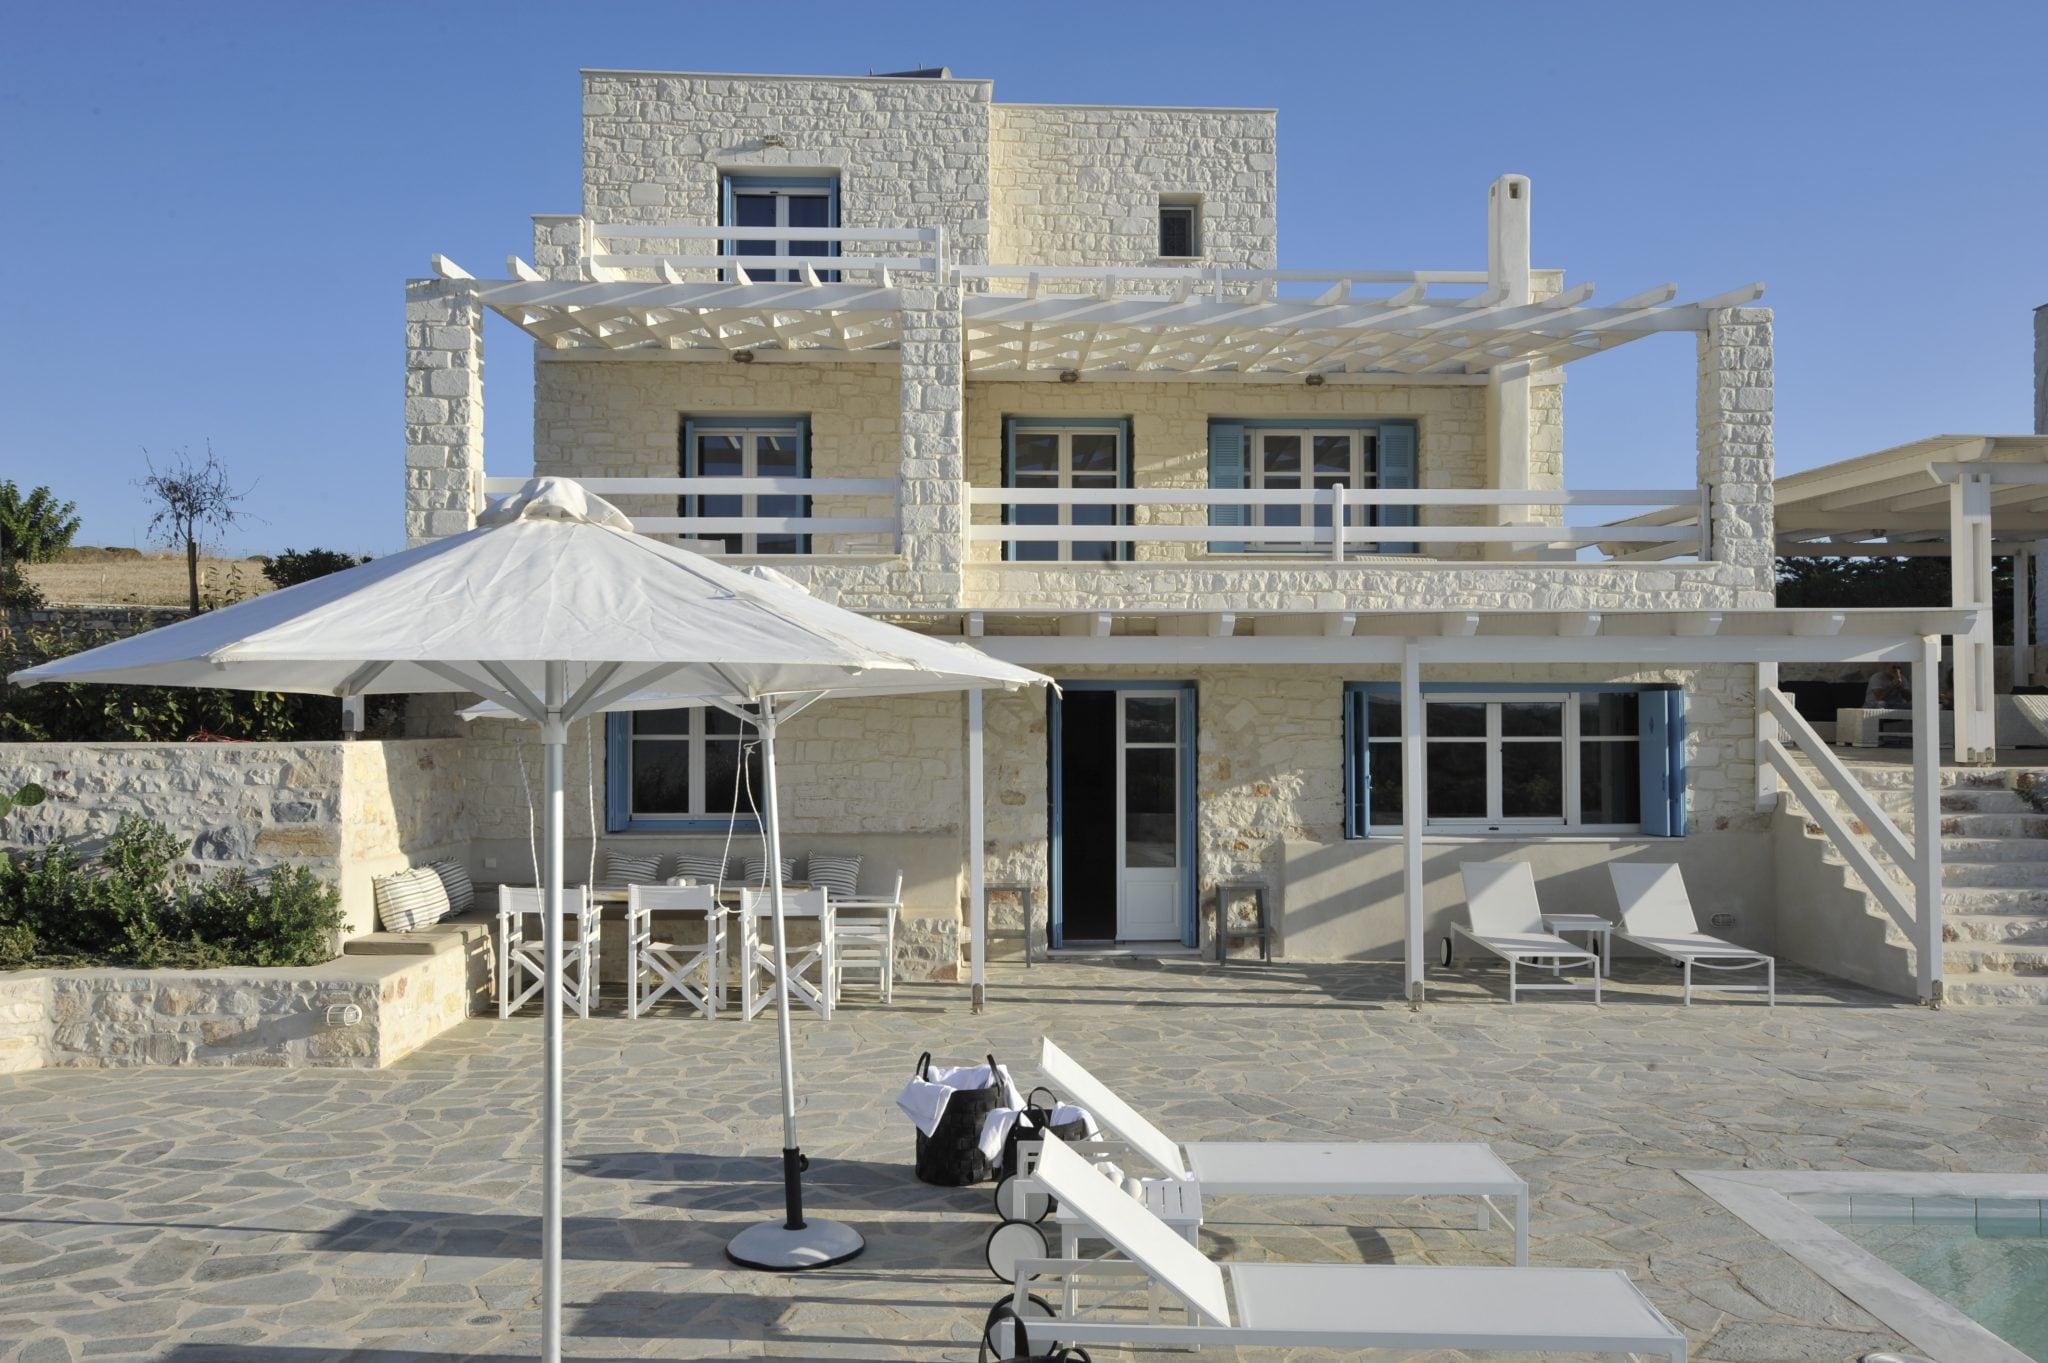 Maison, Paros - Ref GR-4761